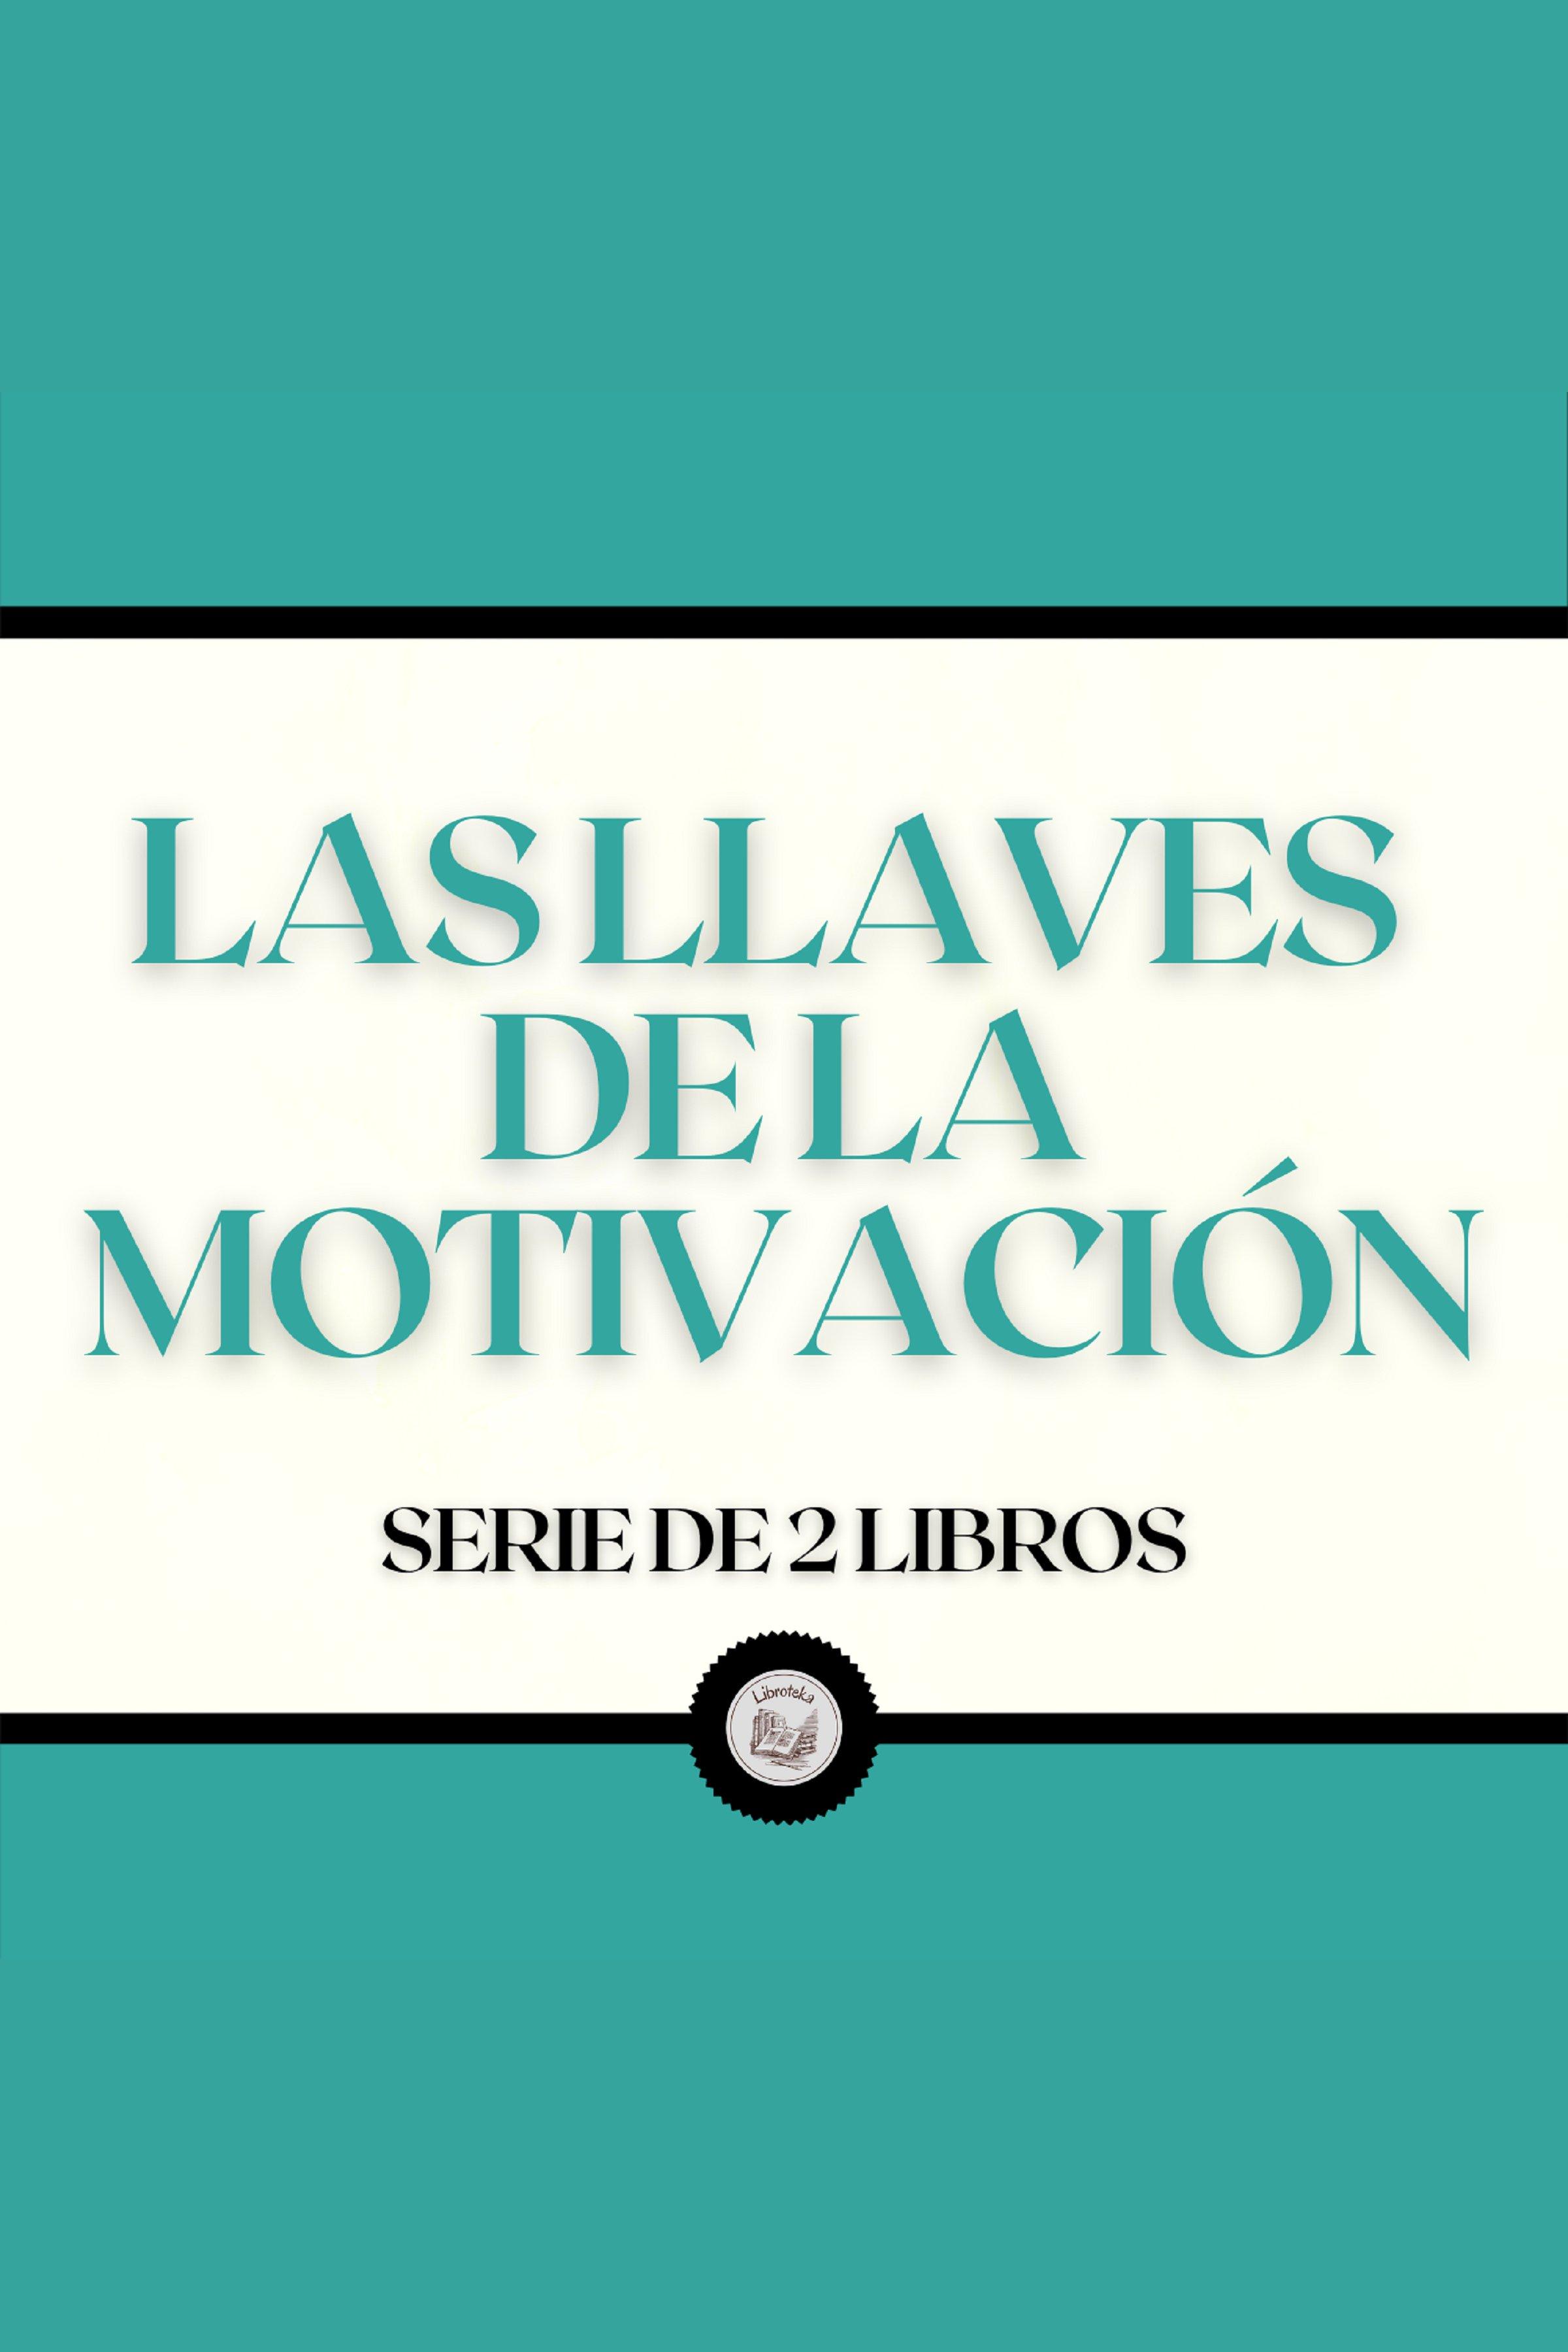 Esta es la portada del audiolibro Las Llaves de la Motivación (Serie de 2 Libros)